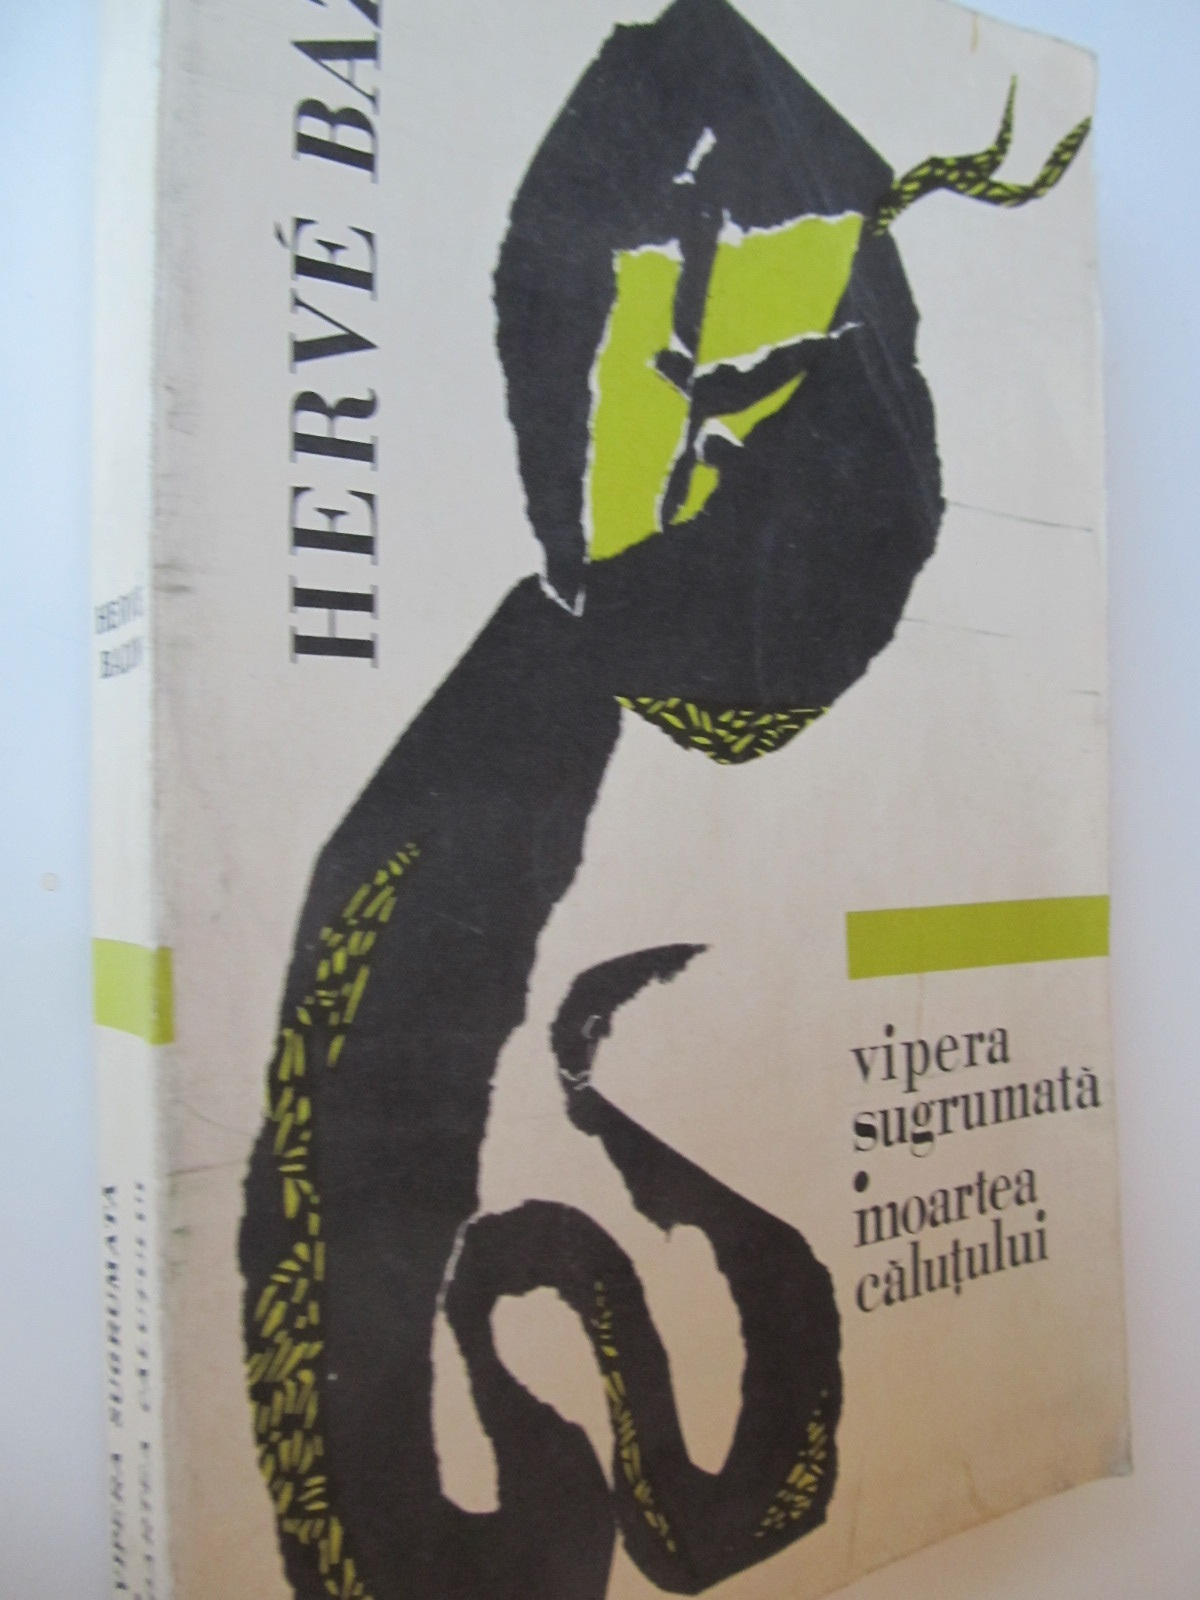 Vipera sugrumata - Moartea calutului - Herve Bazin | Detalii carte